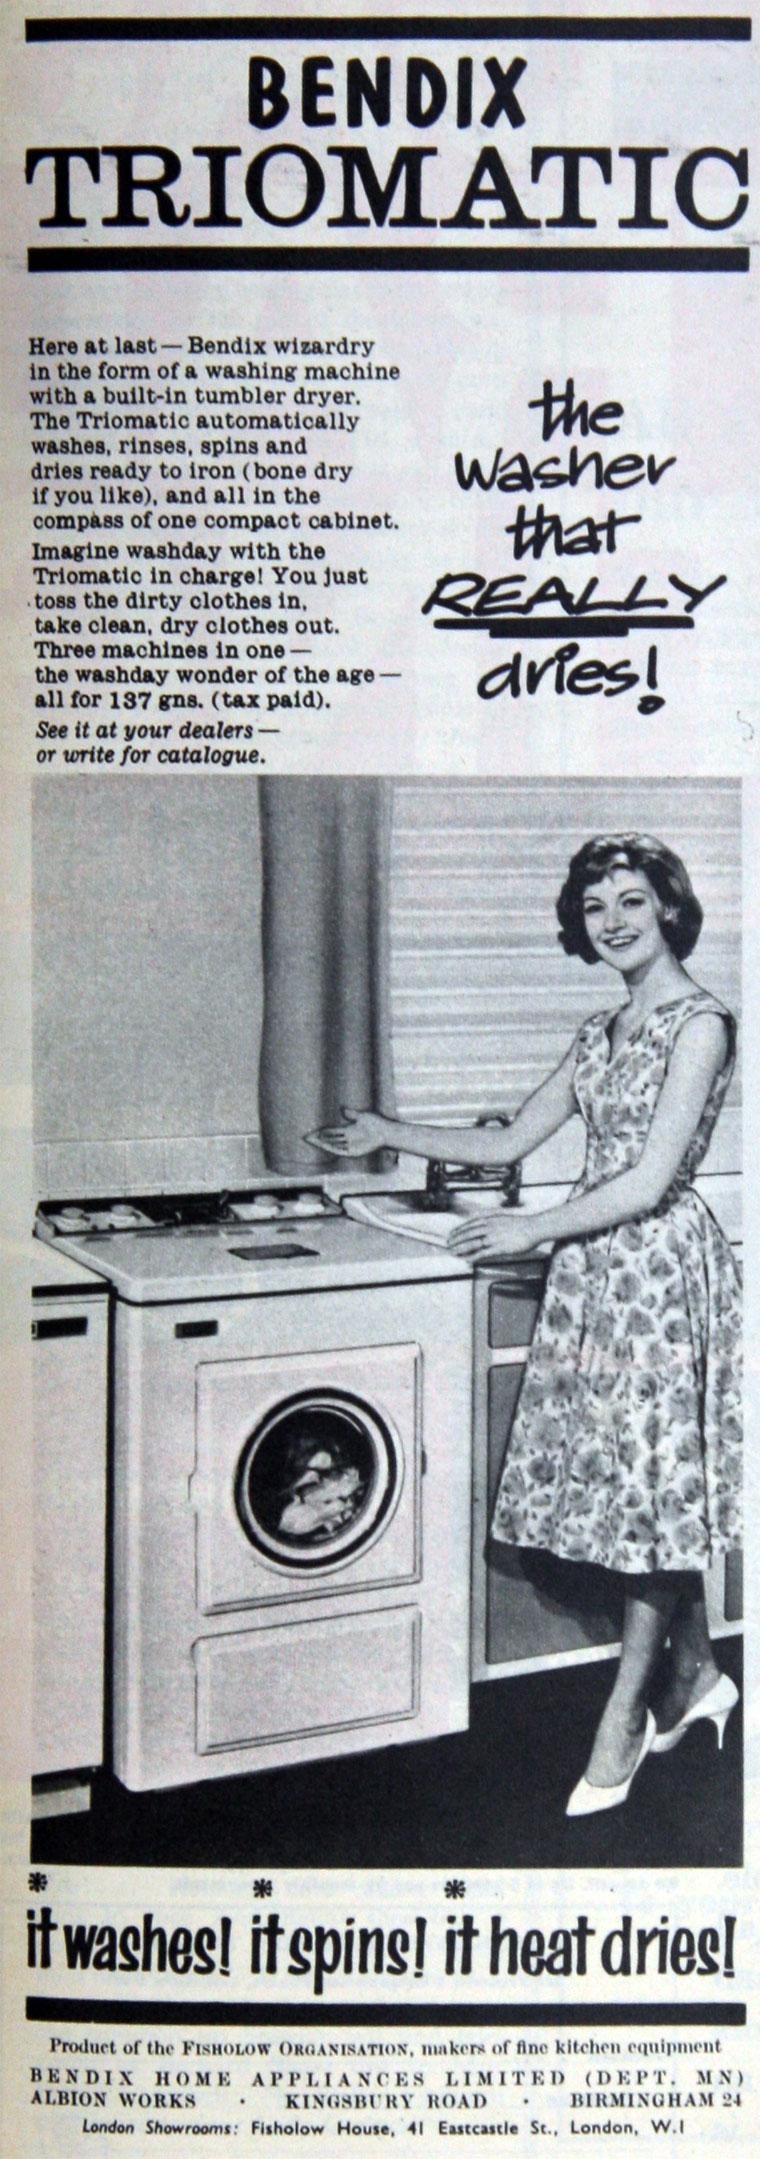 Bendix Home Appliances Graces Guide